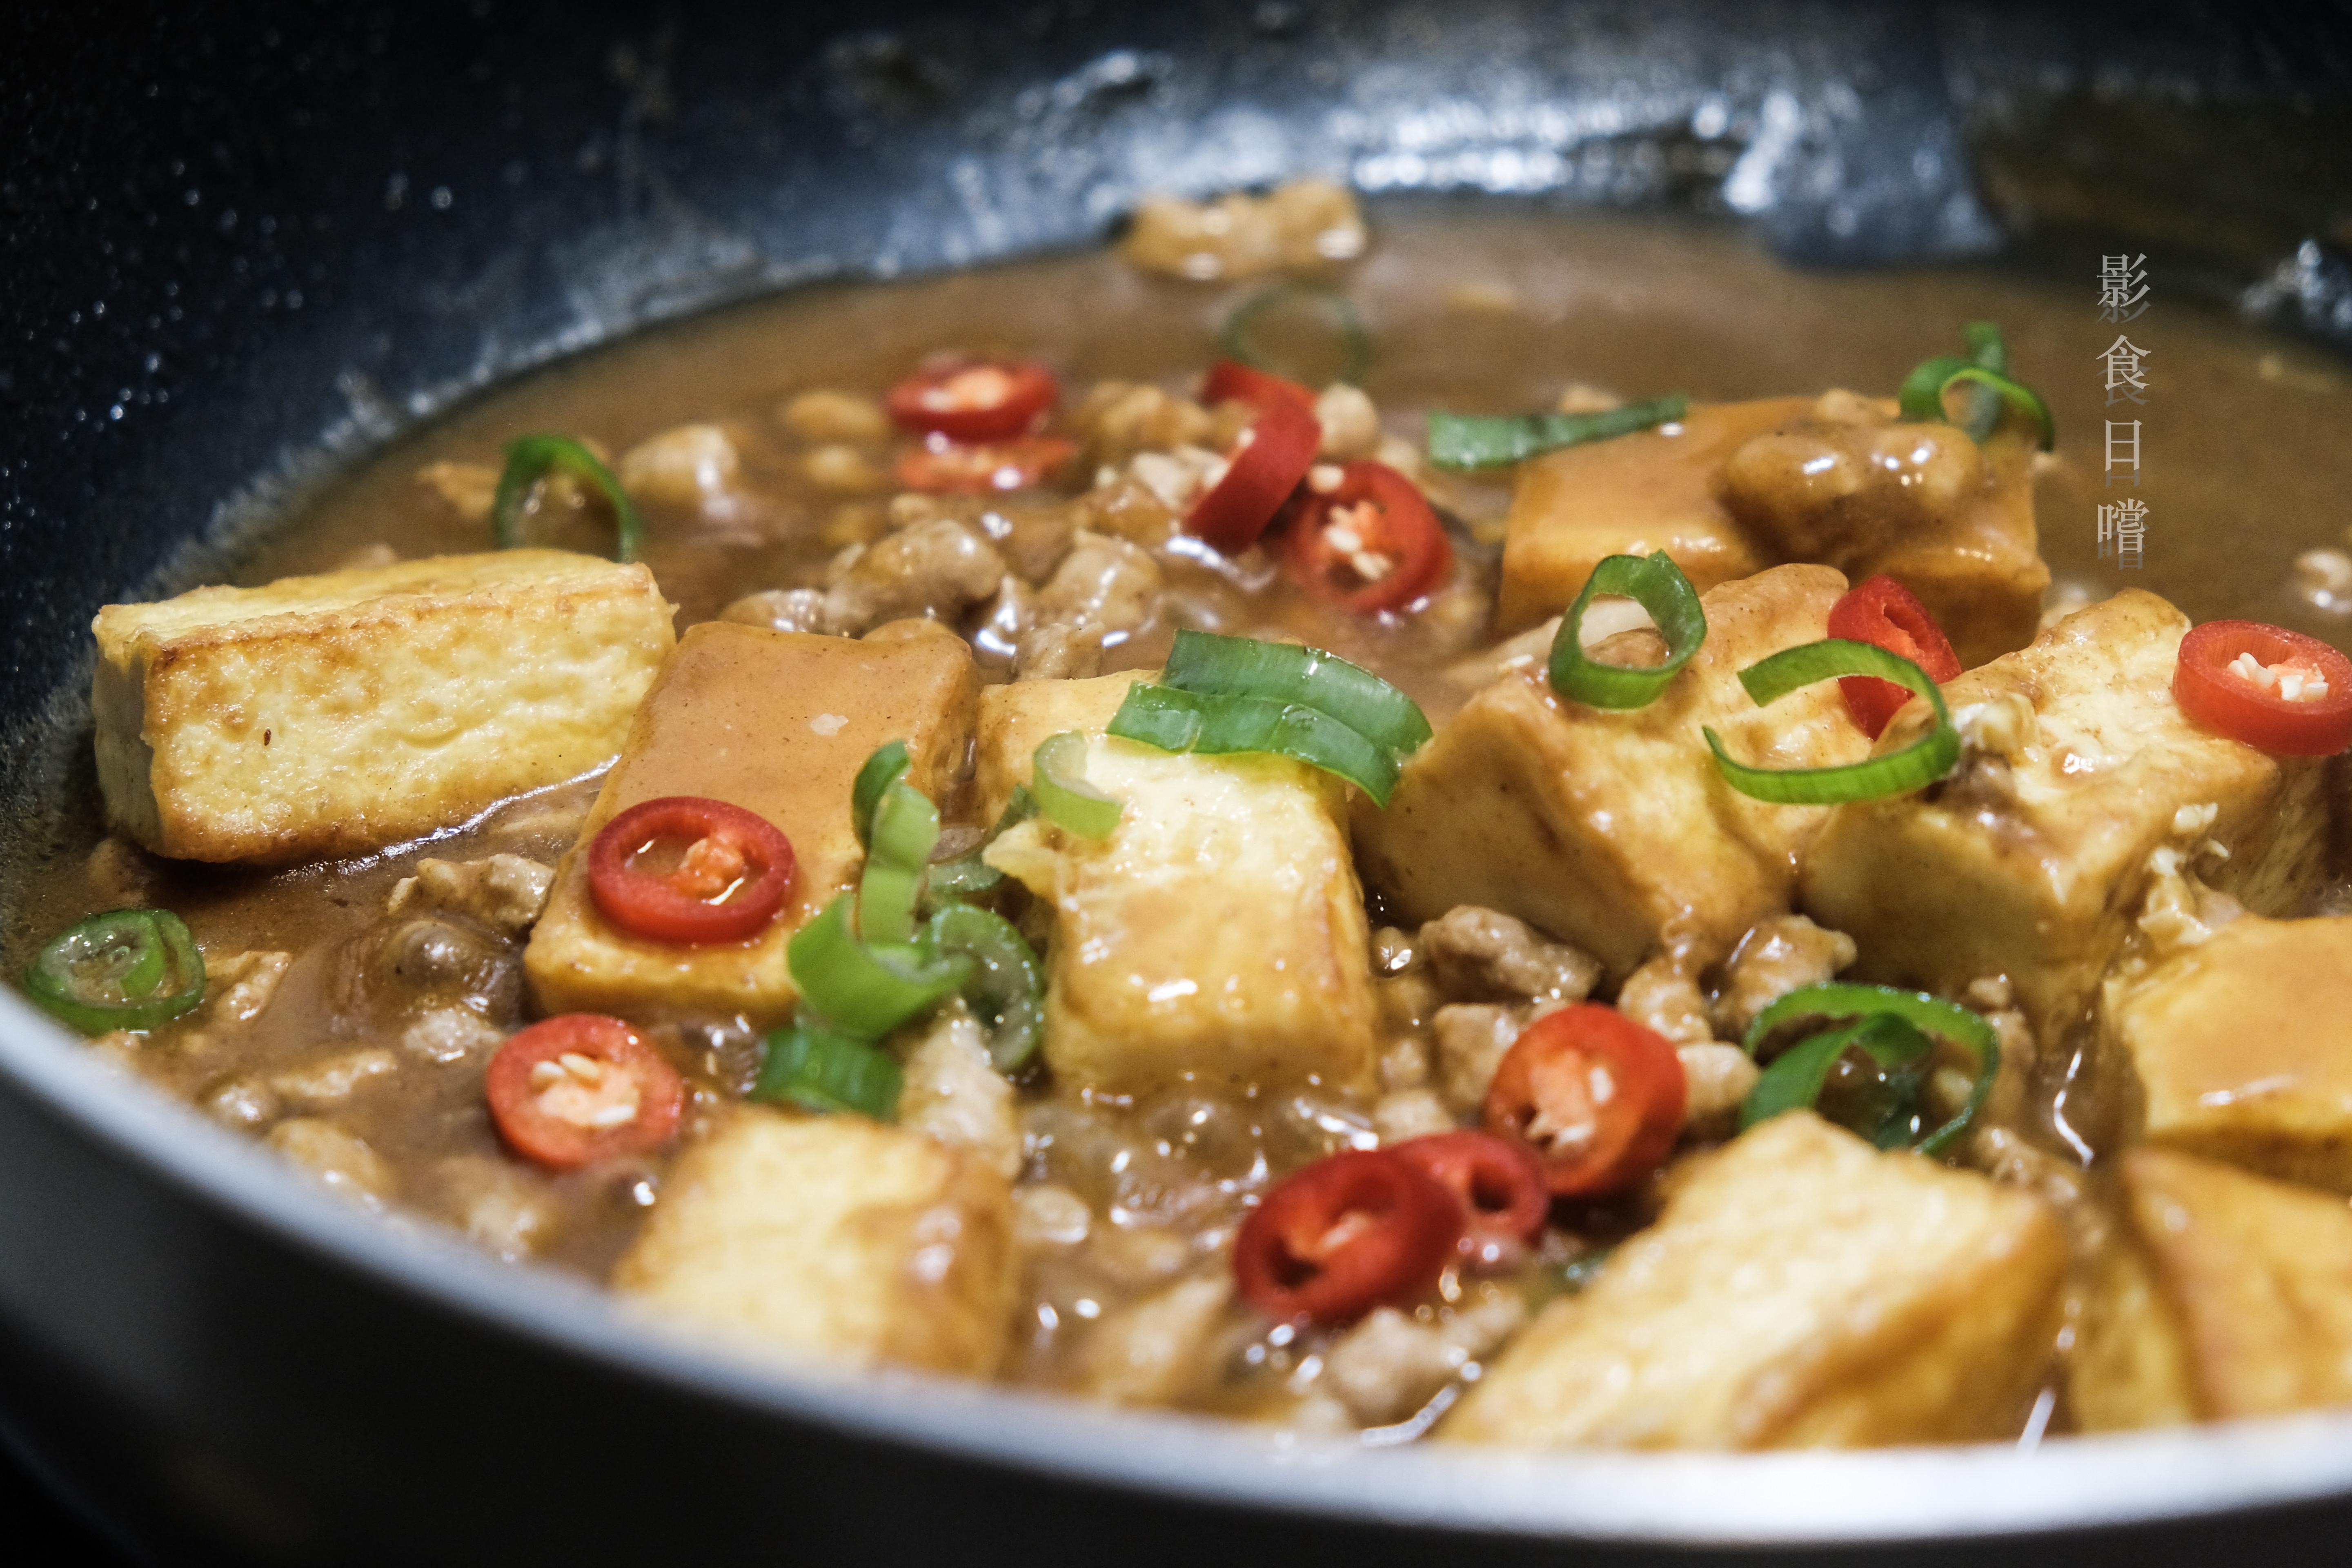 讓美味咖哩融入你的家常料理 - S&B金牌咖哩塊的第 6 張圖片